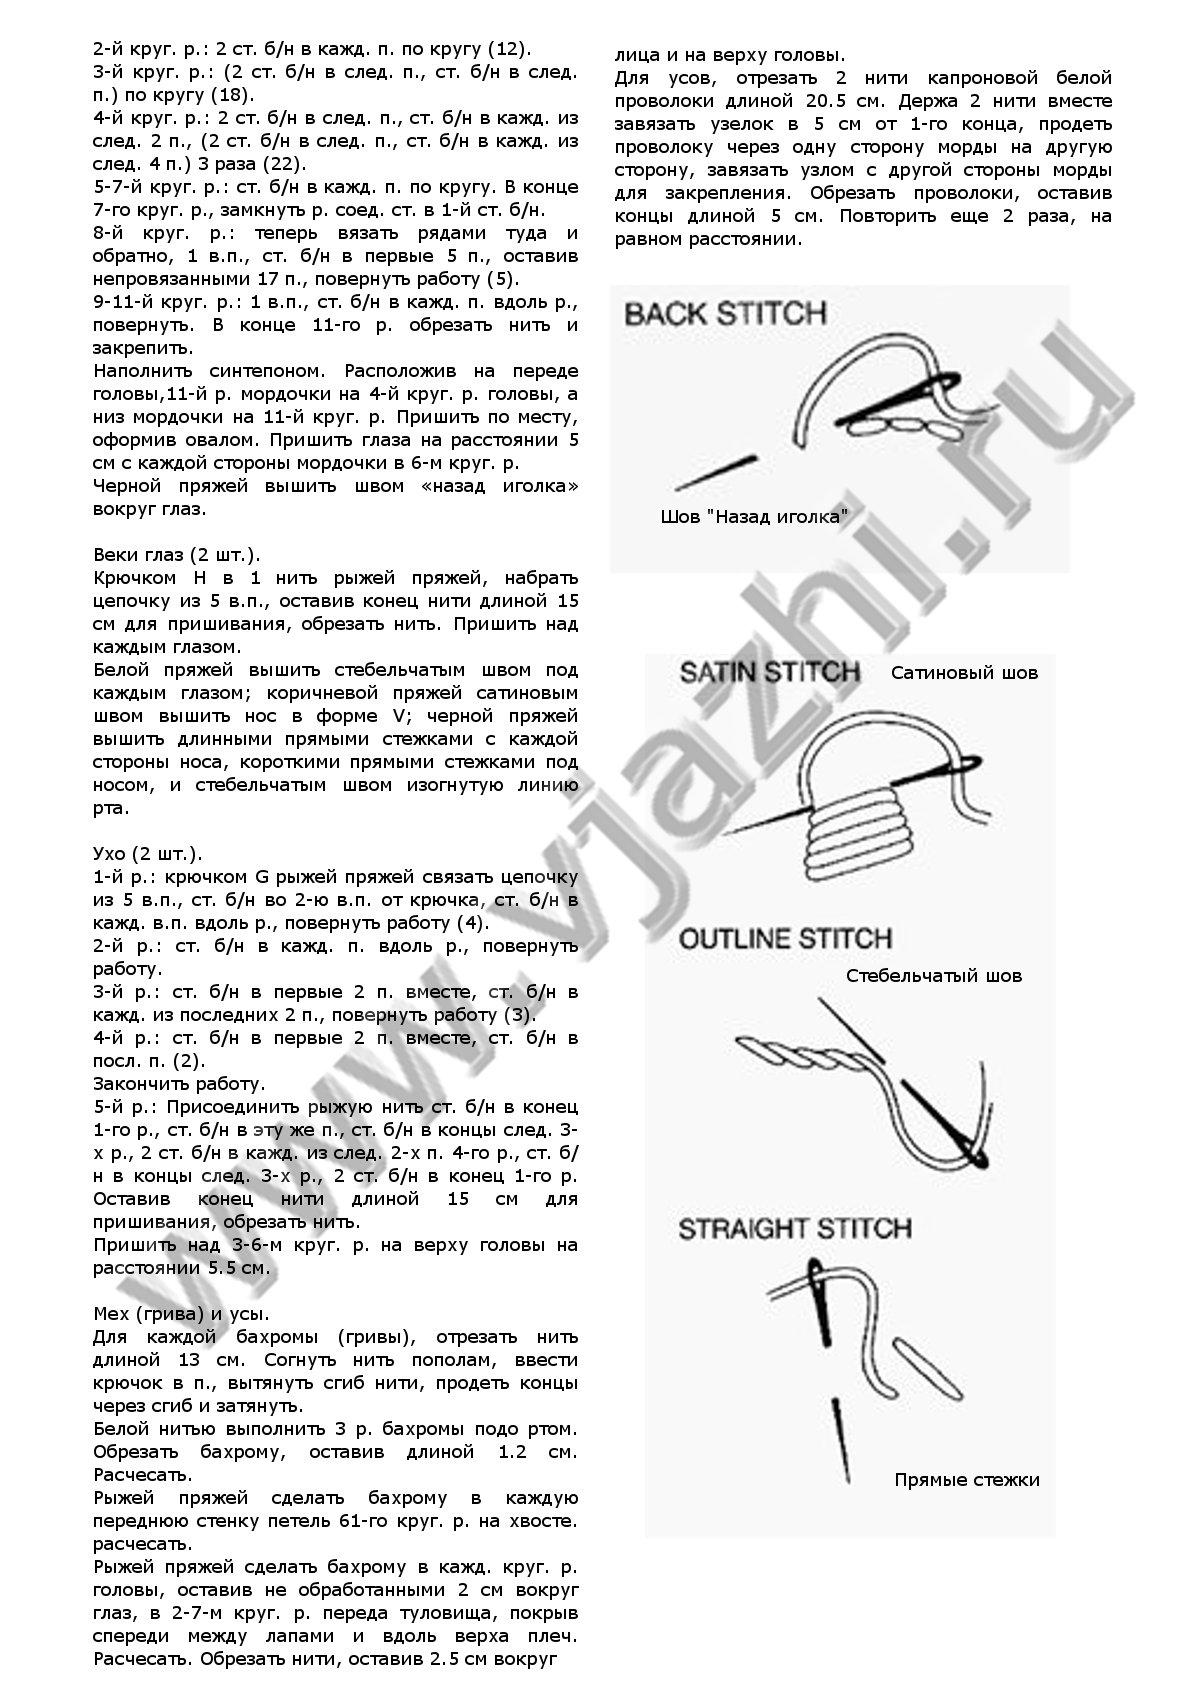 Амигуруми: схемы вязания Смотрите бесплатно онлайн 77